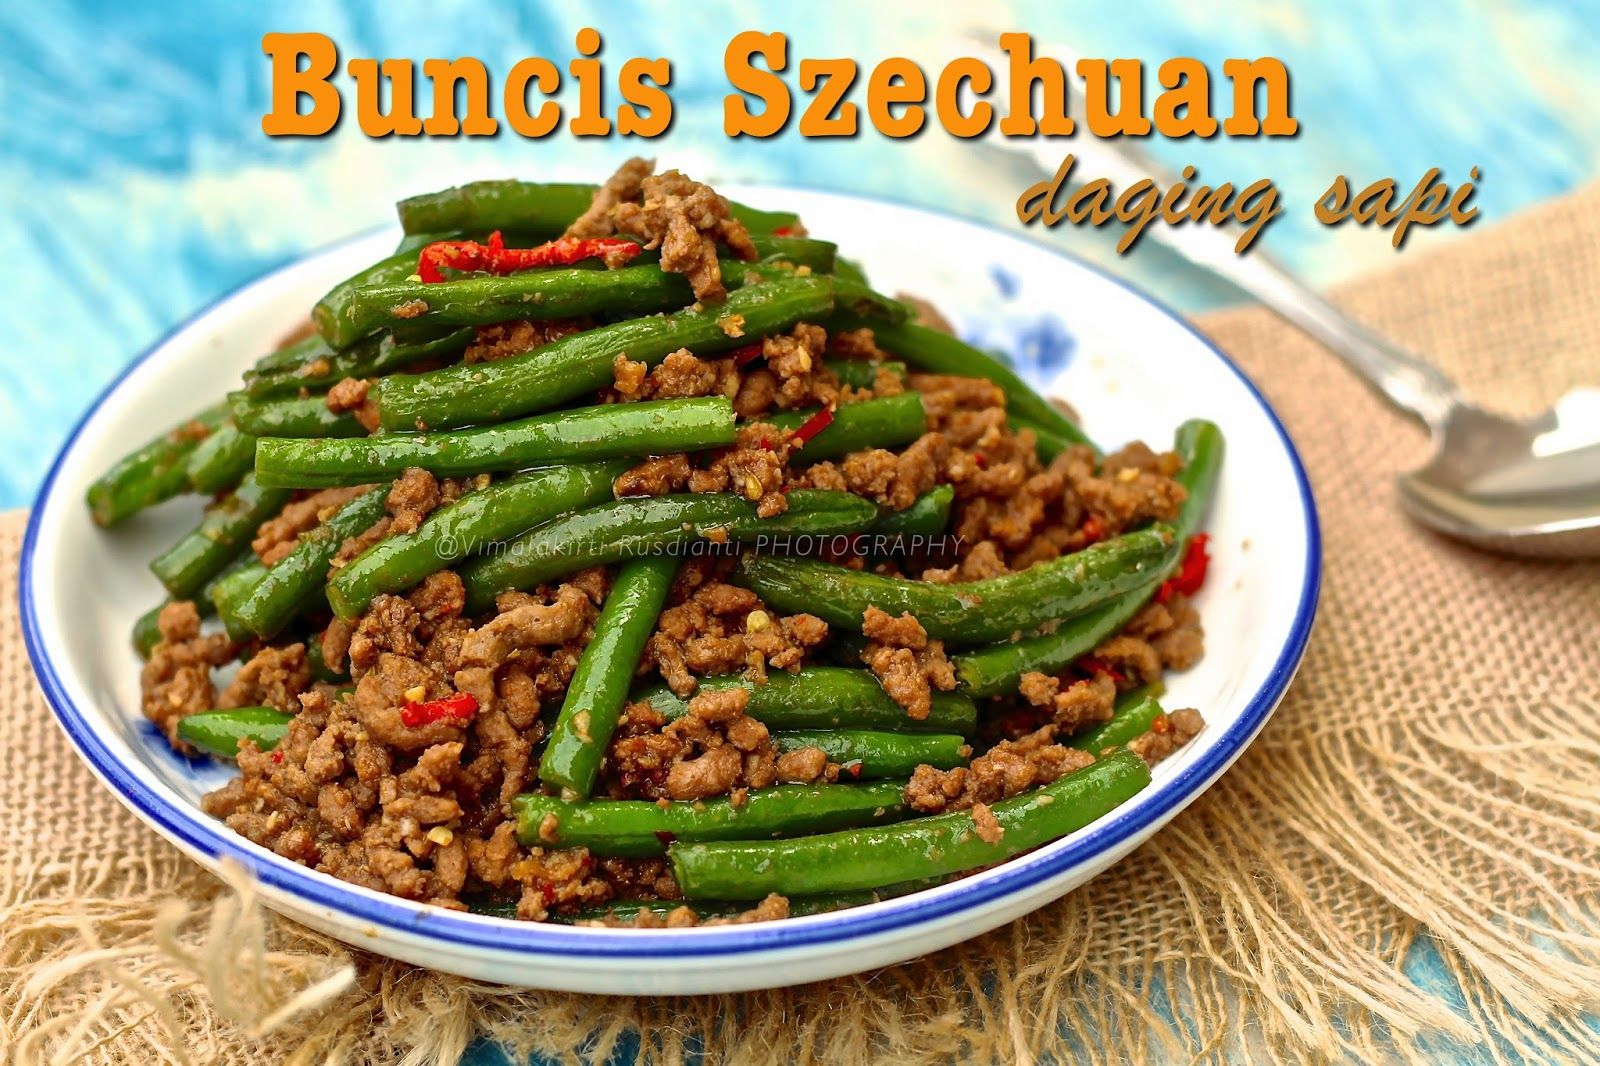 Widya Sri Rusdianti S Kitchen Buncis Szechuan Daging Sapi Daging Sapi Sapi Resep Simpel